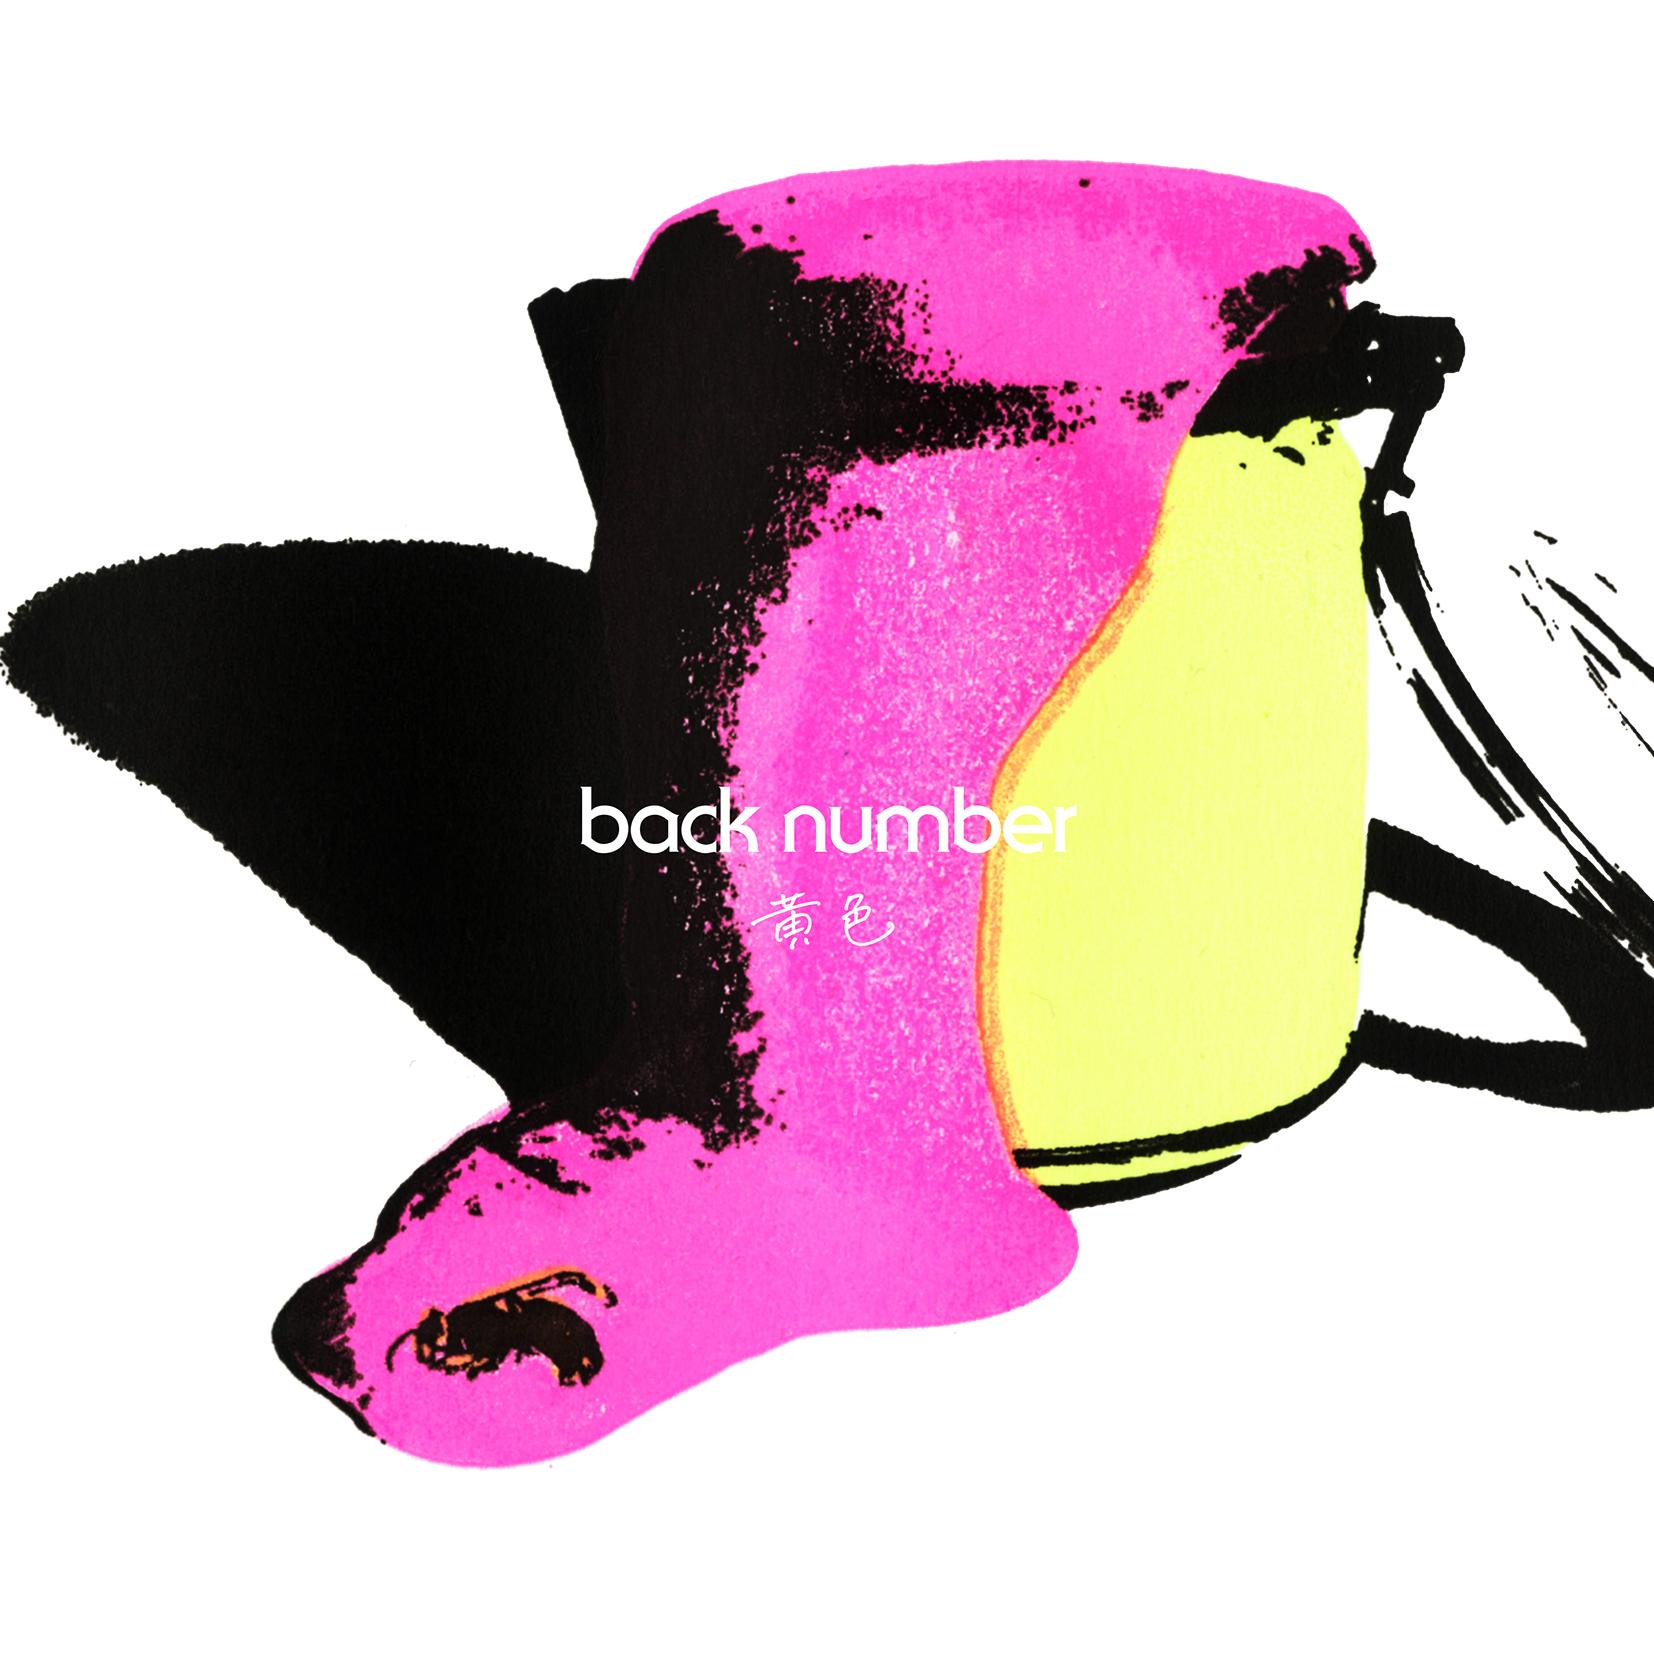 back number - 黄色